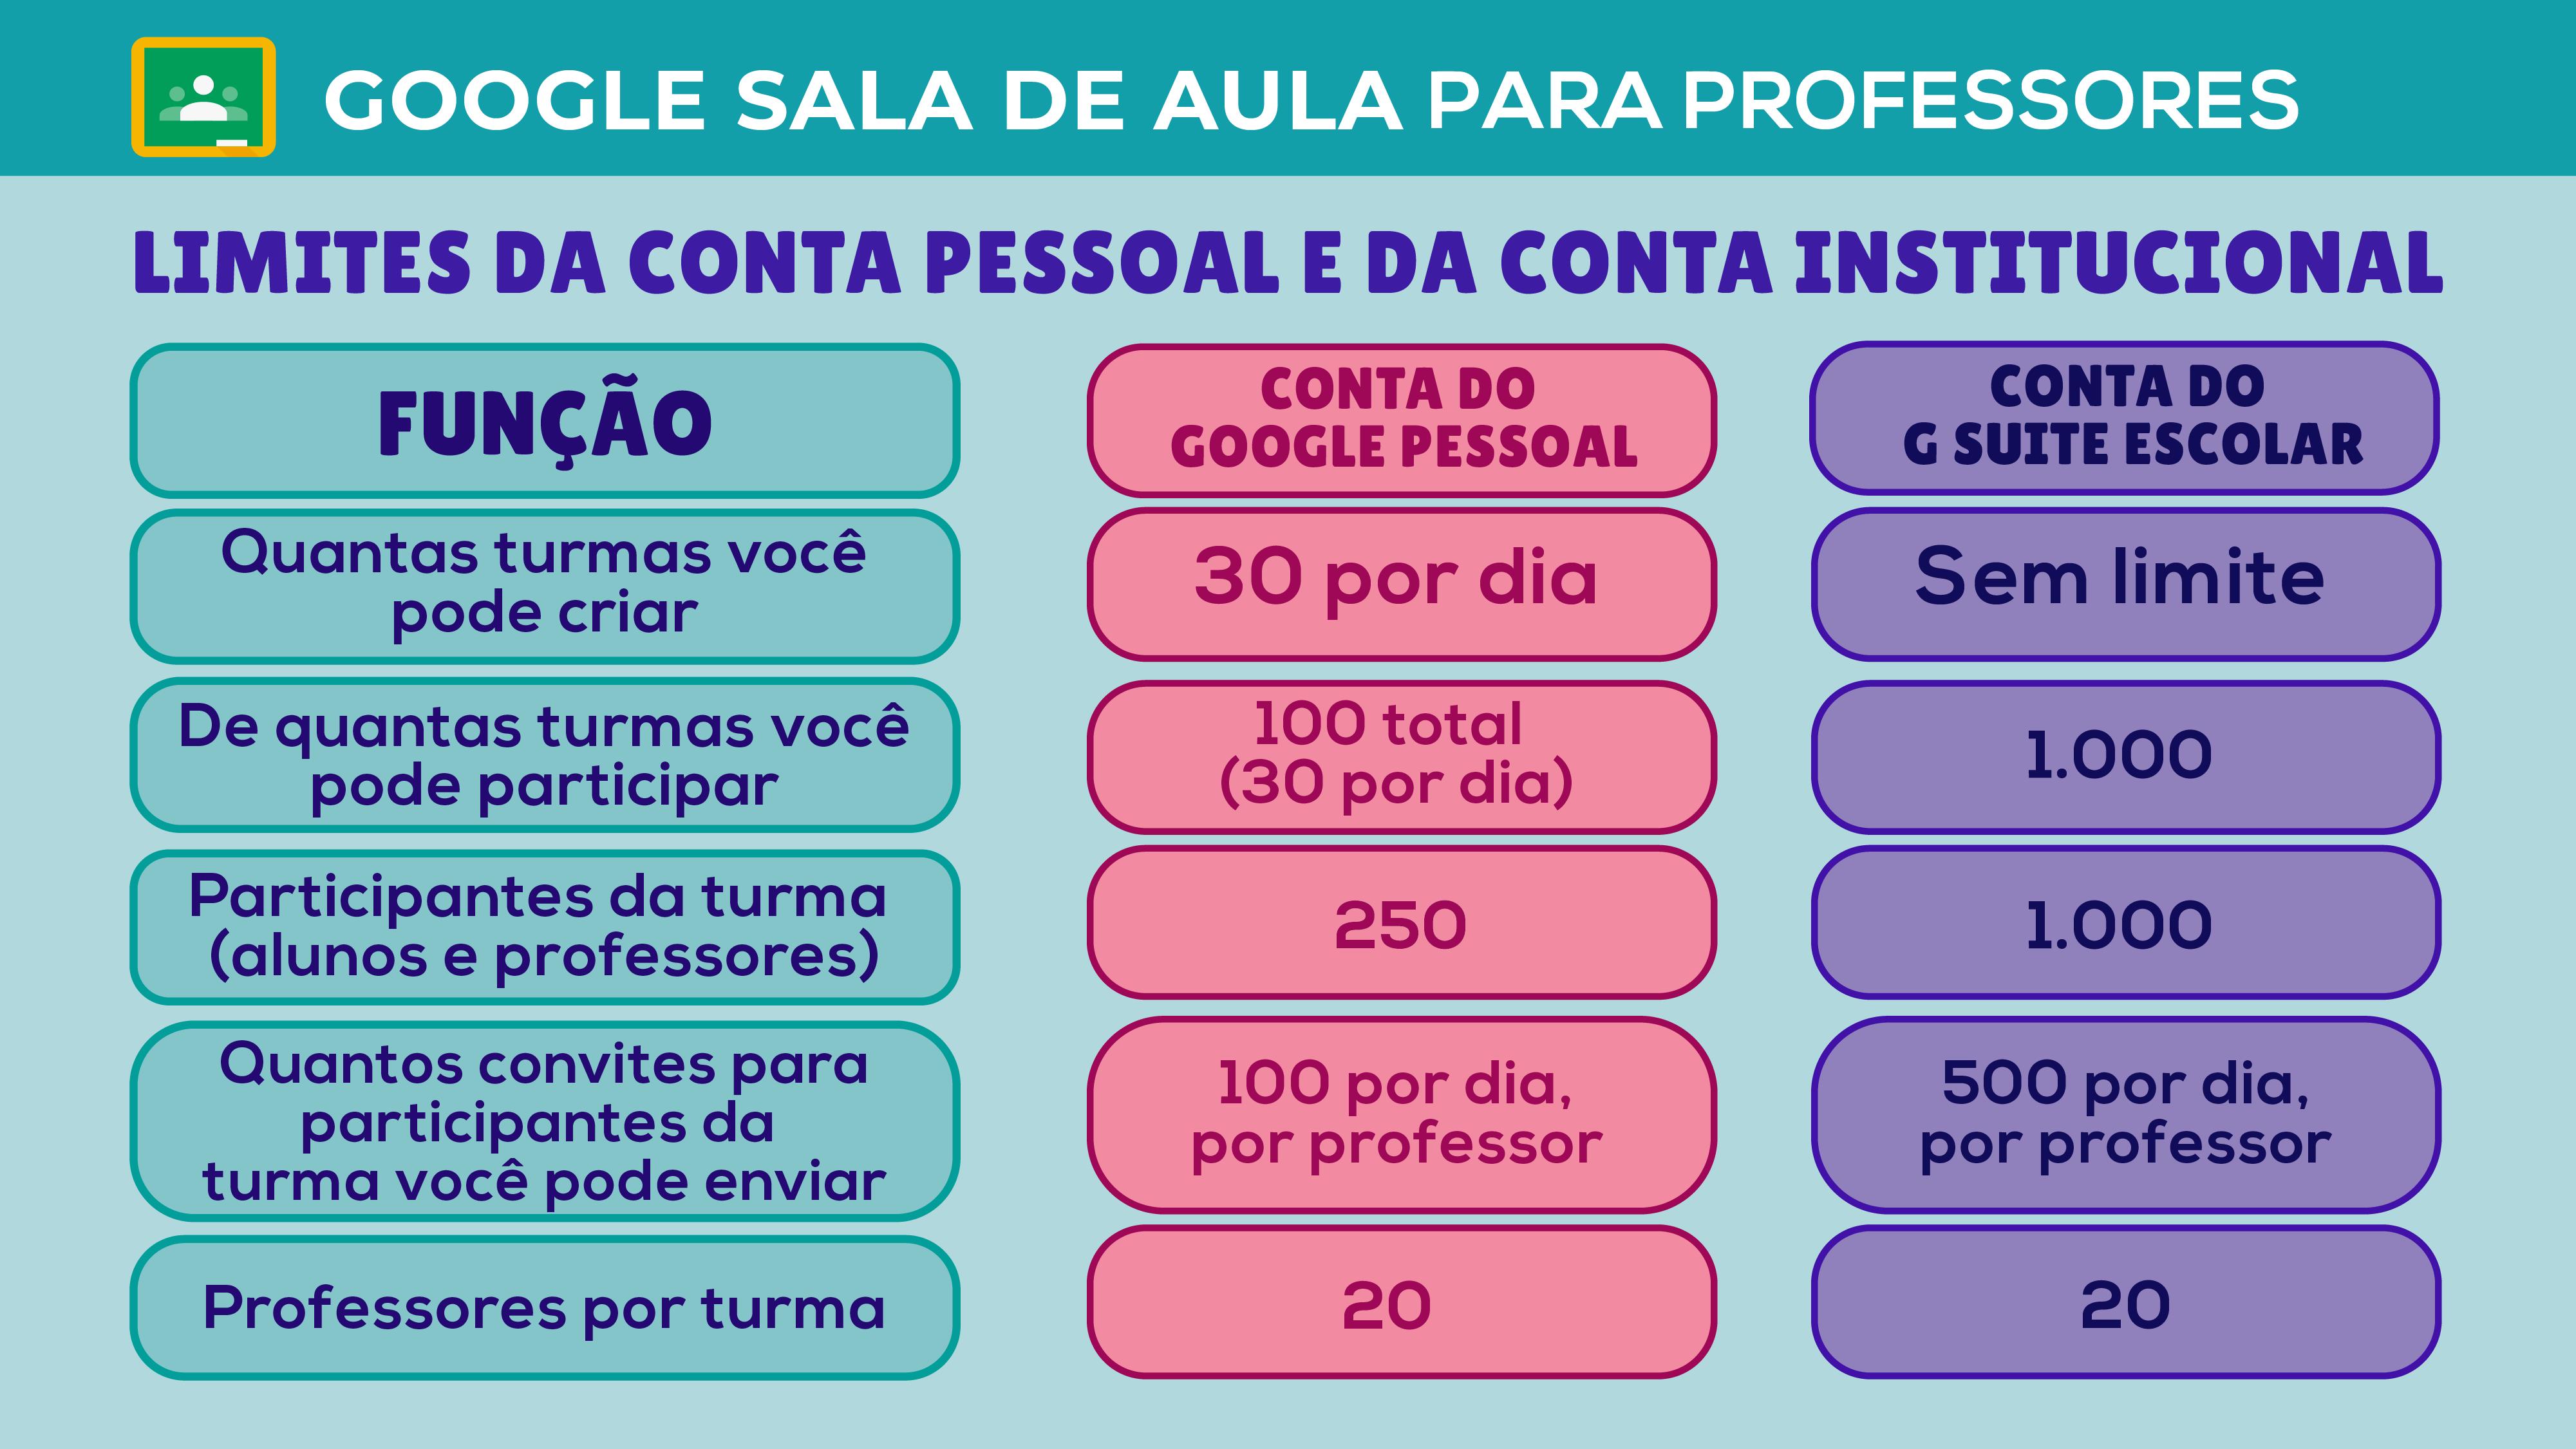 Diferenças entre a conta escolar e a conta pessoal do Google Sala de Aula